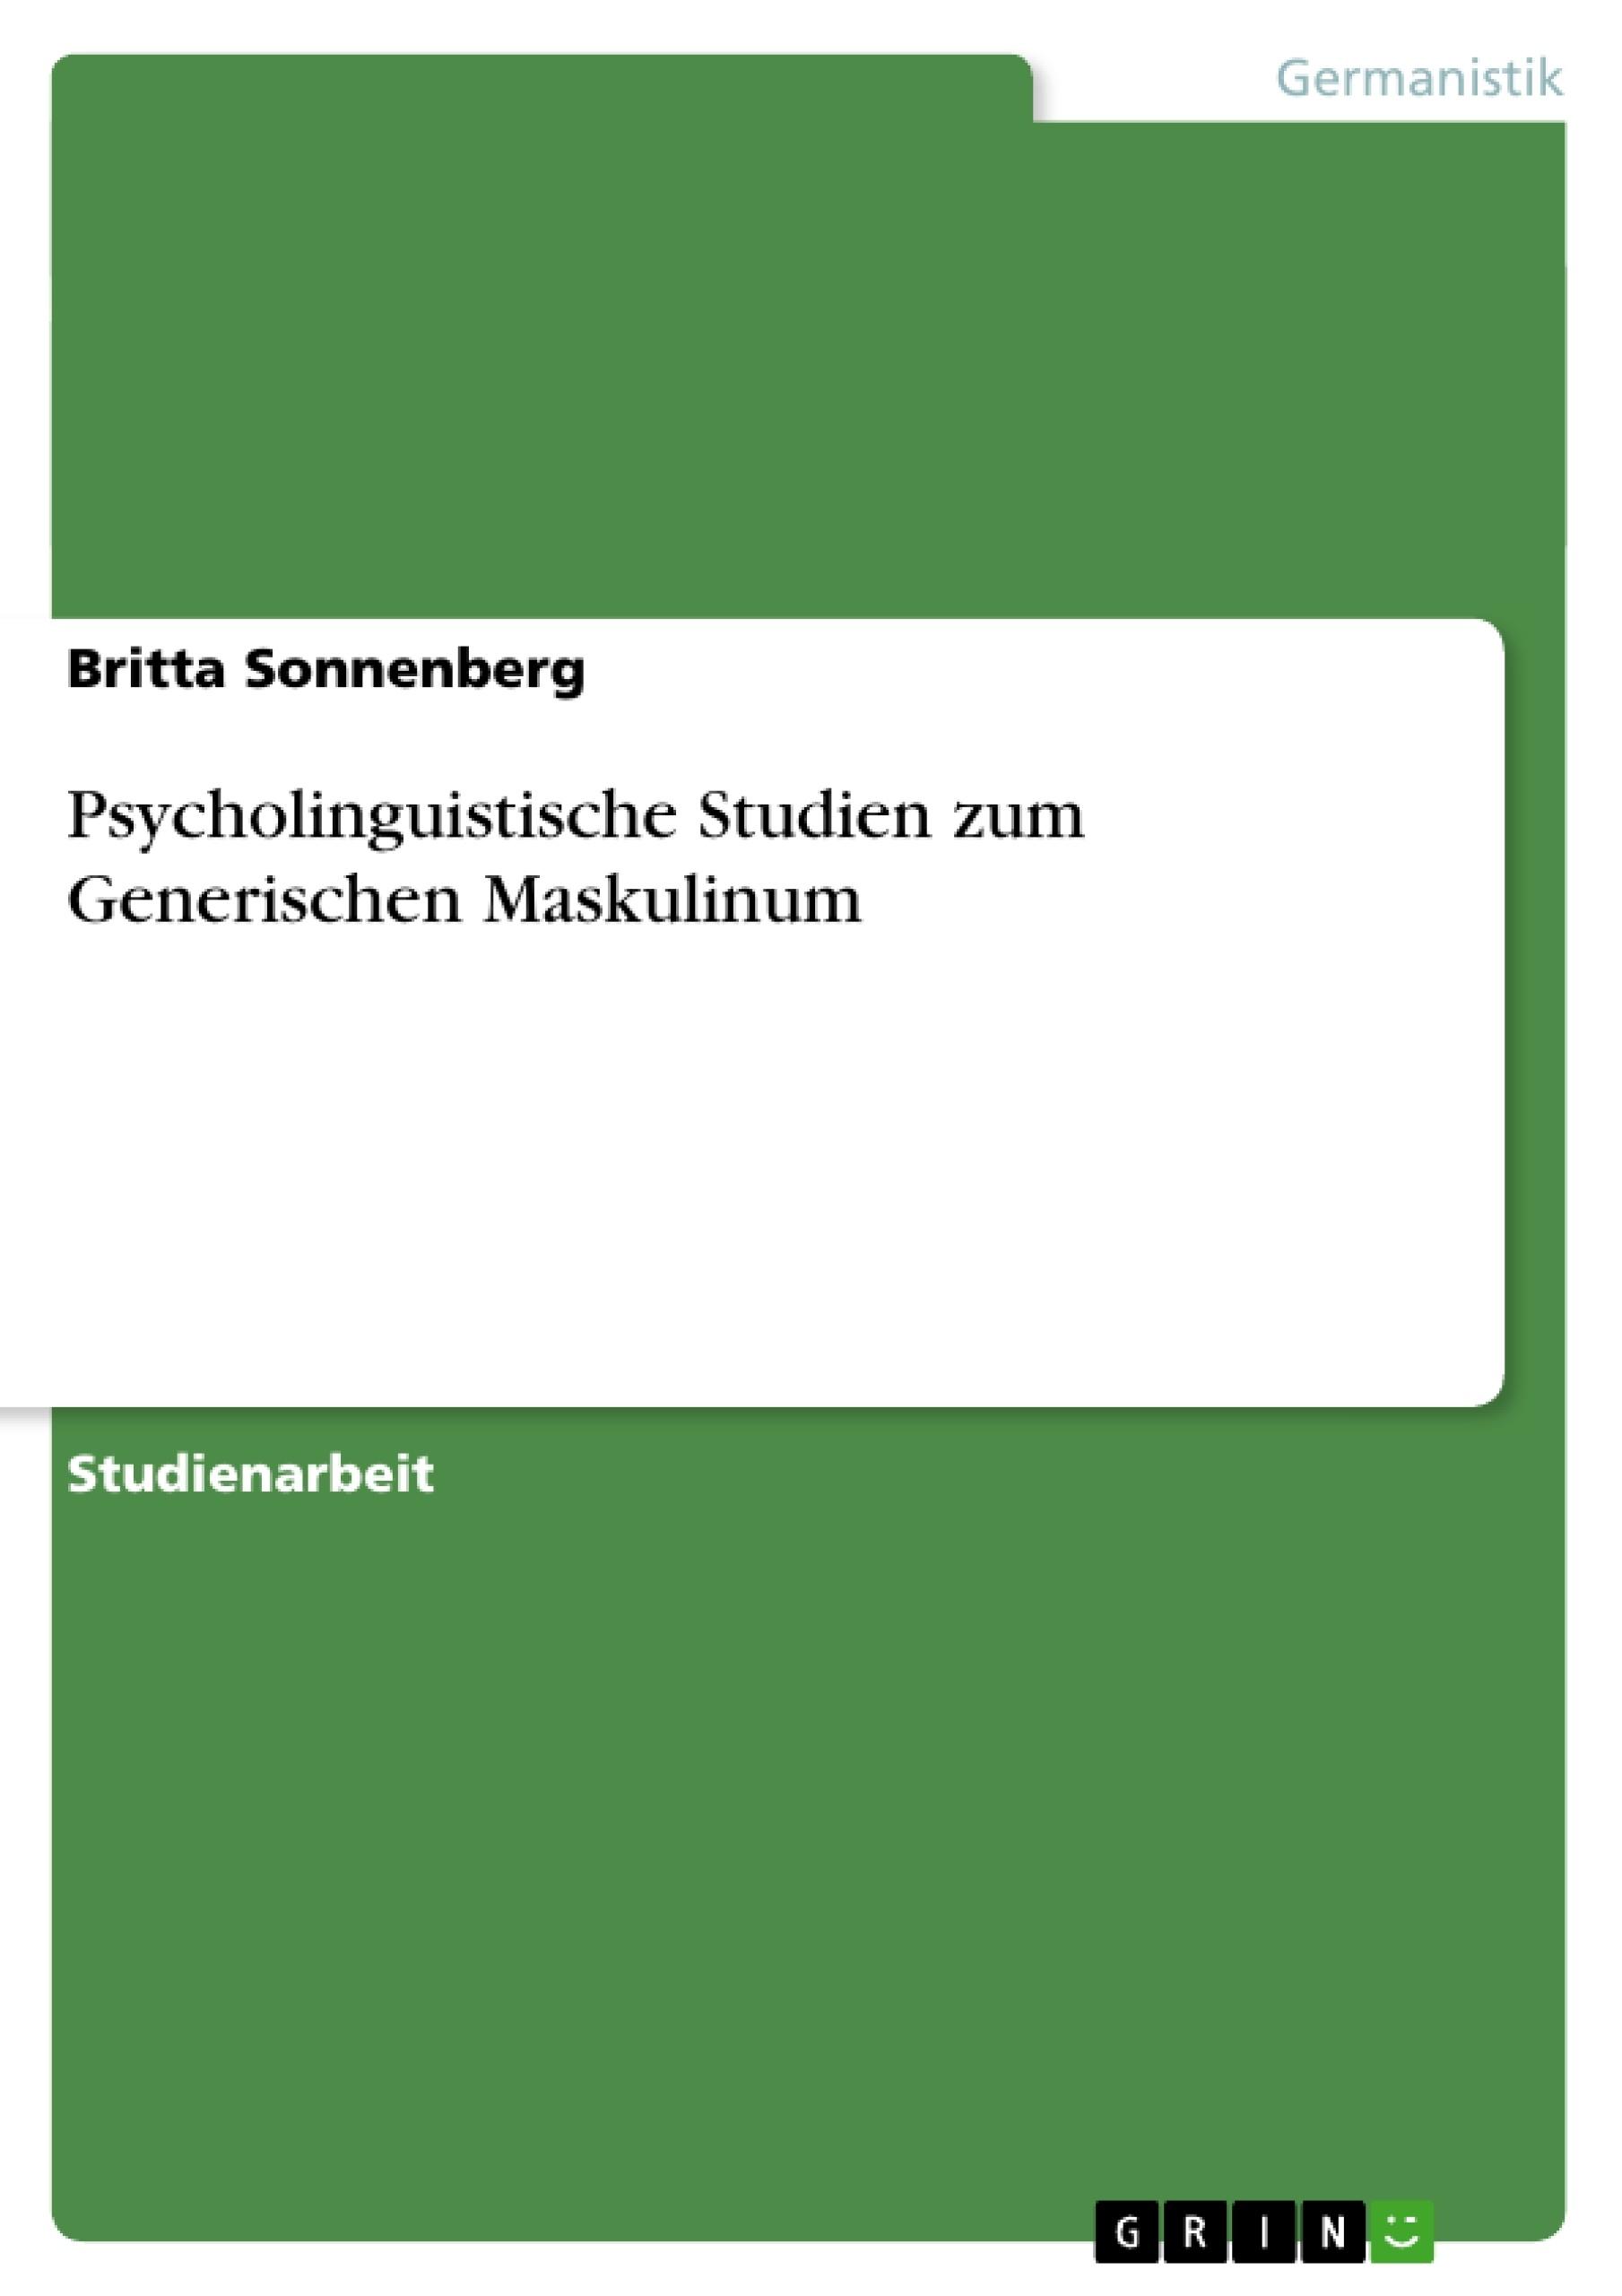 Titel: Psycholinguistische Studien zum Generischen Maskulinum